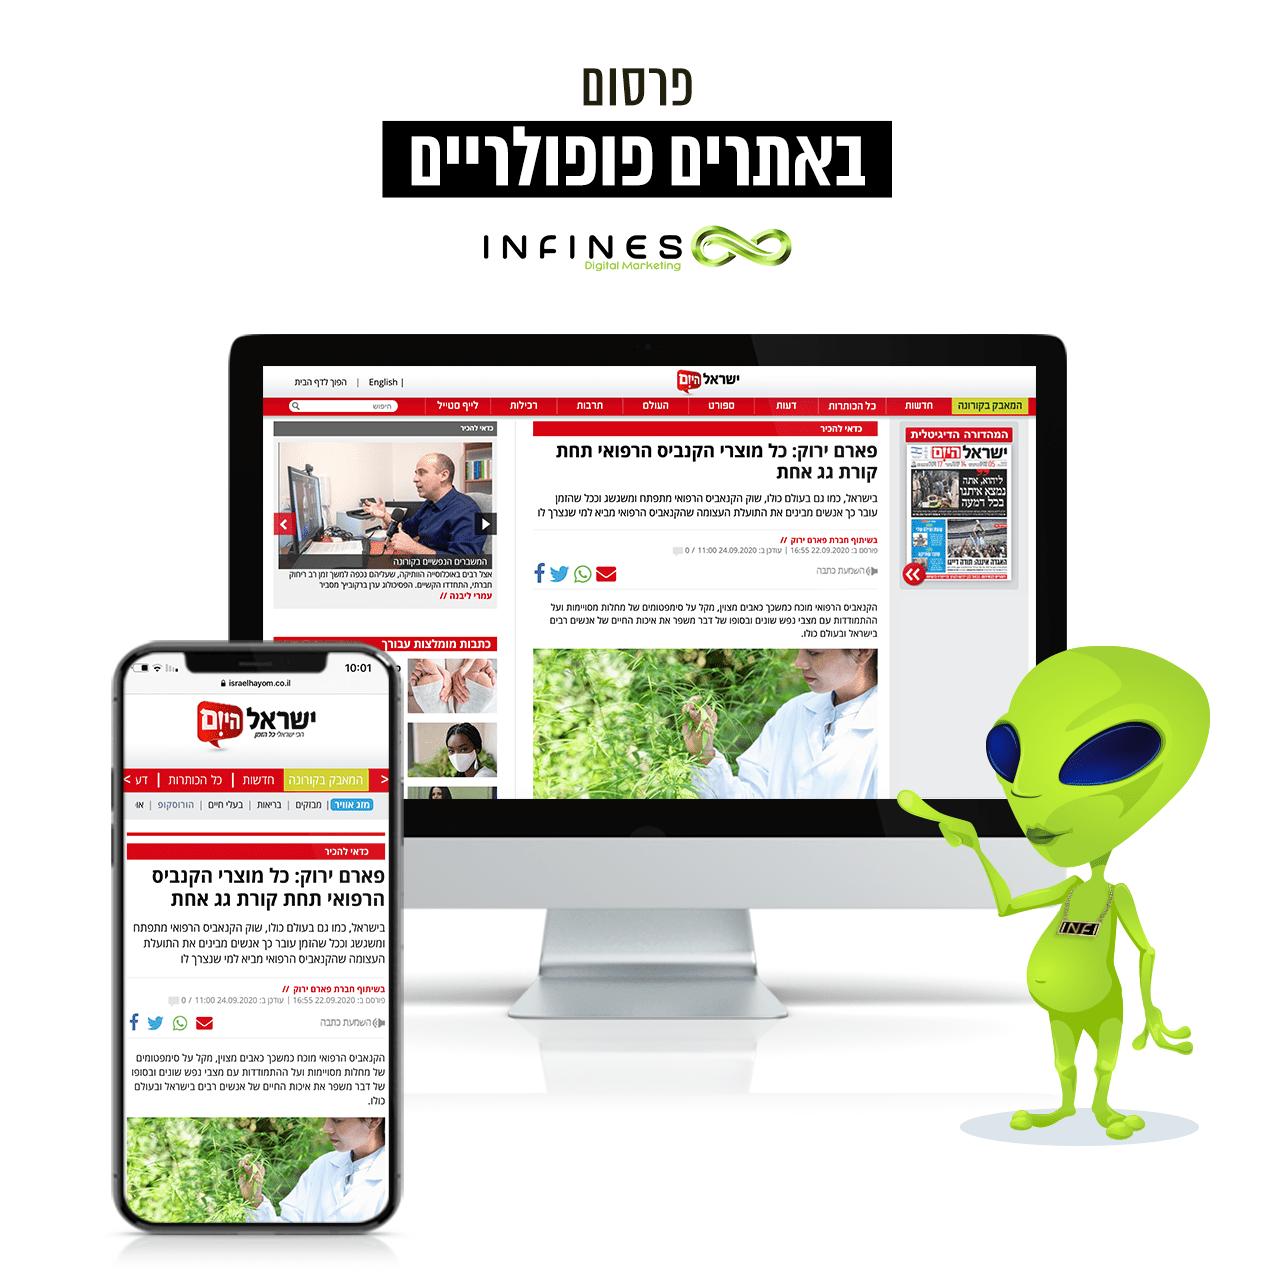 מוקאפ_אינפינס_ישראל היום